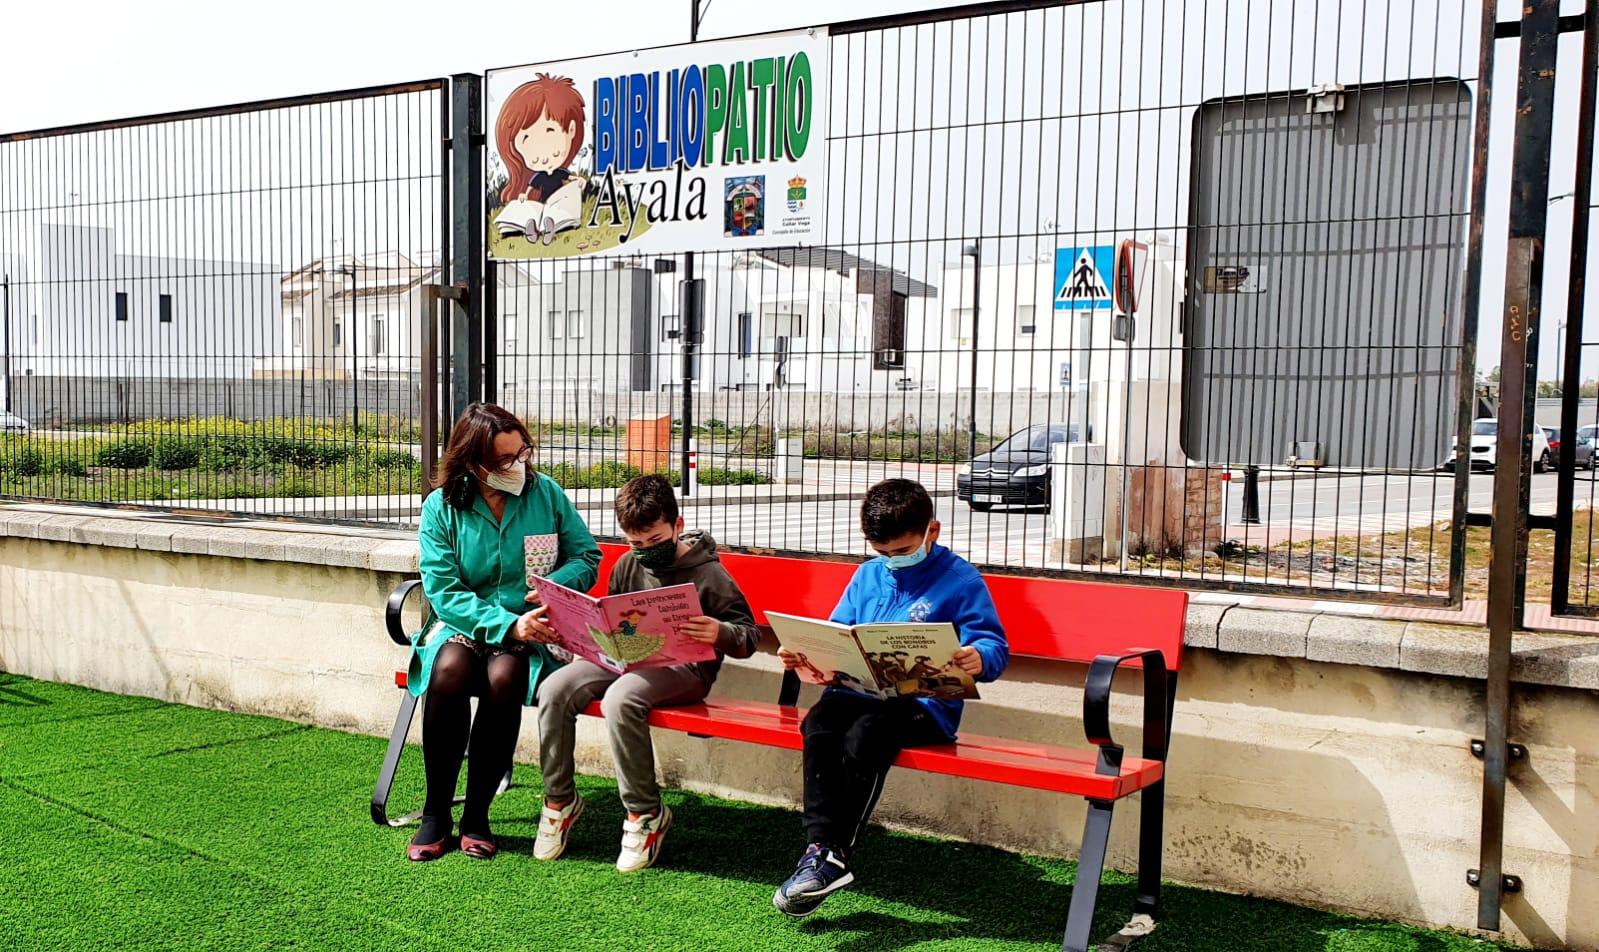 El colegio Francisco Ayala de Cúllar Vega estrena su 'Bibliopatio' para que los escolares puedan leer durante el recreo